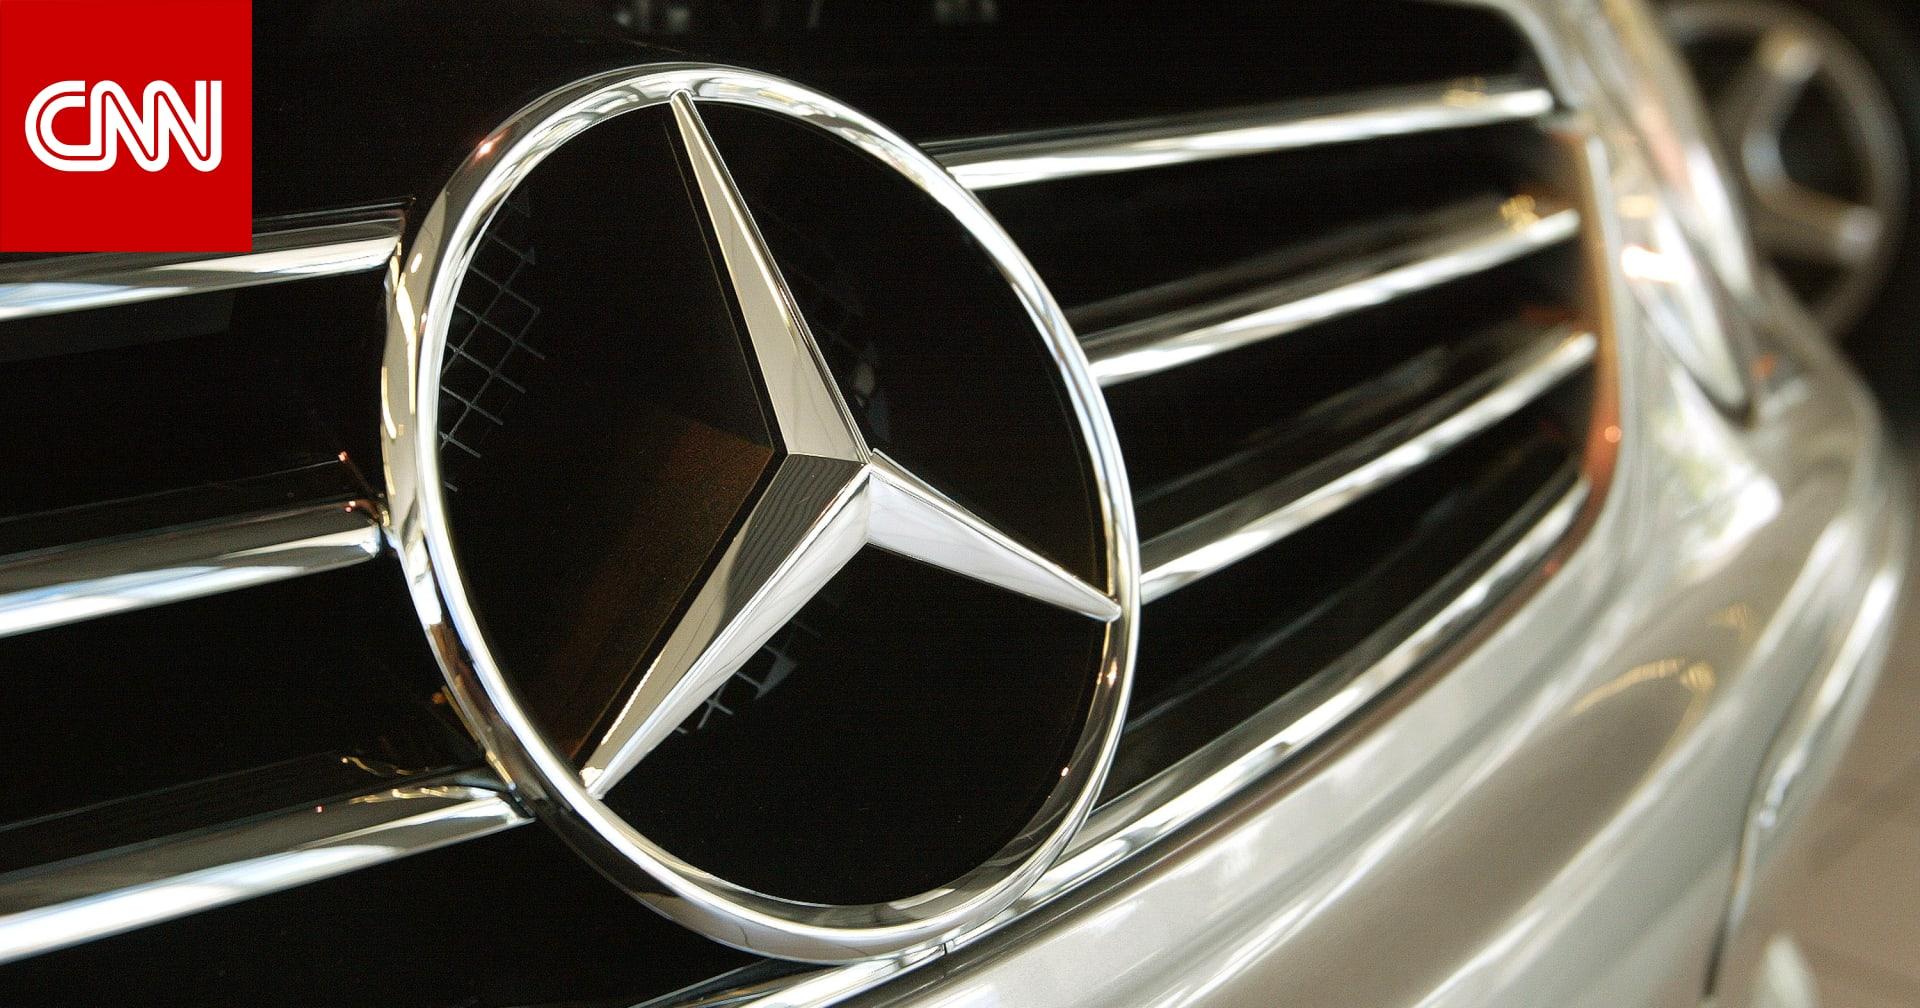 السعودية تستدعي مئات سيارات مرسيدس وتوضح الأسباب